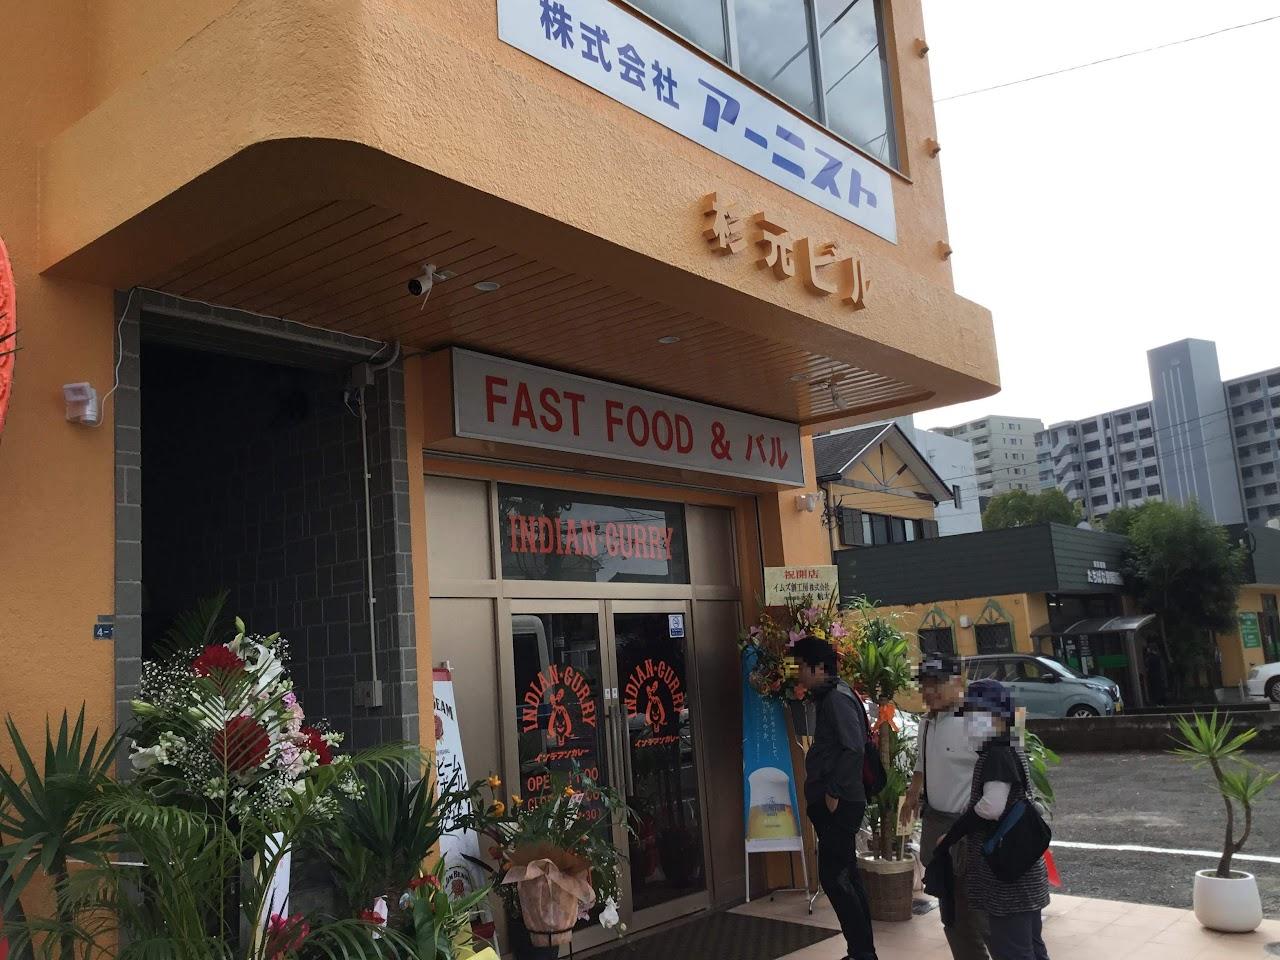 インデアンカレー 宮崎店。金沢が本店のカレー屋さんのようです。九州初上陸のカレーの味はいかに?